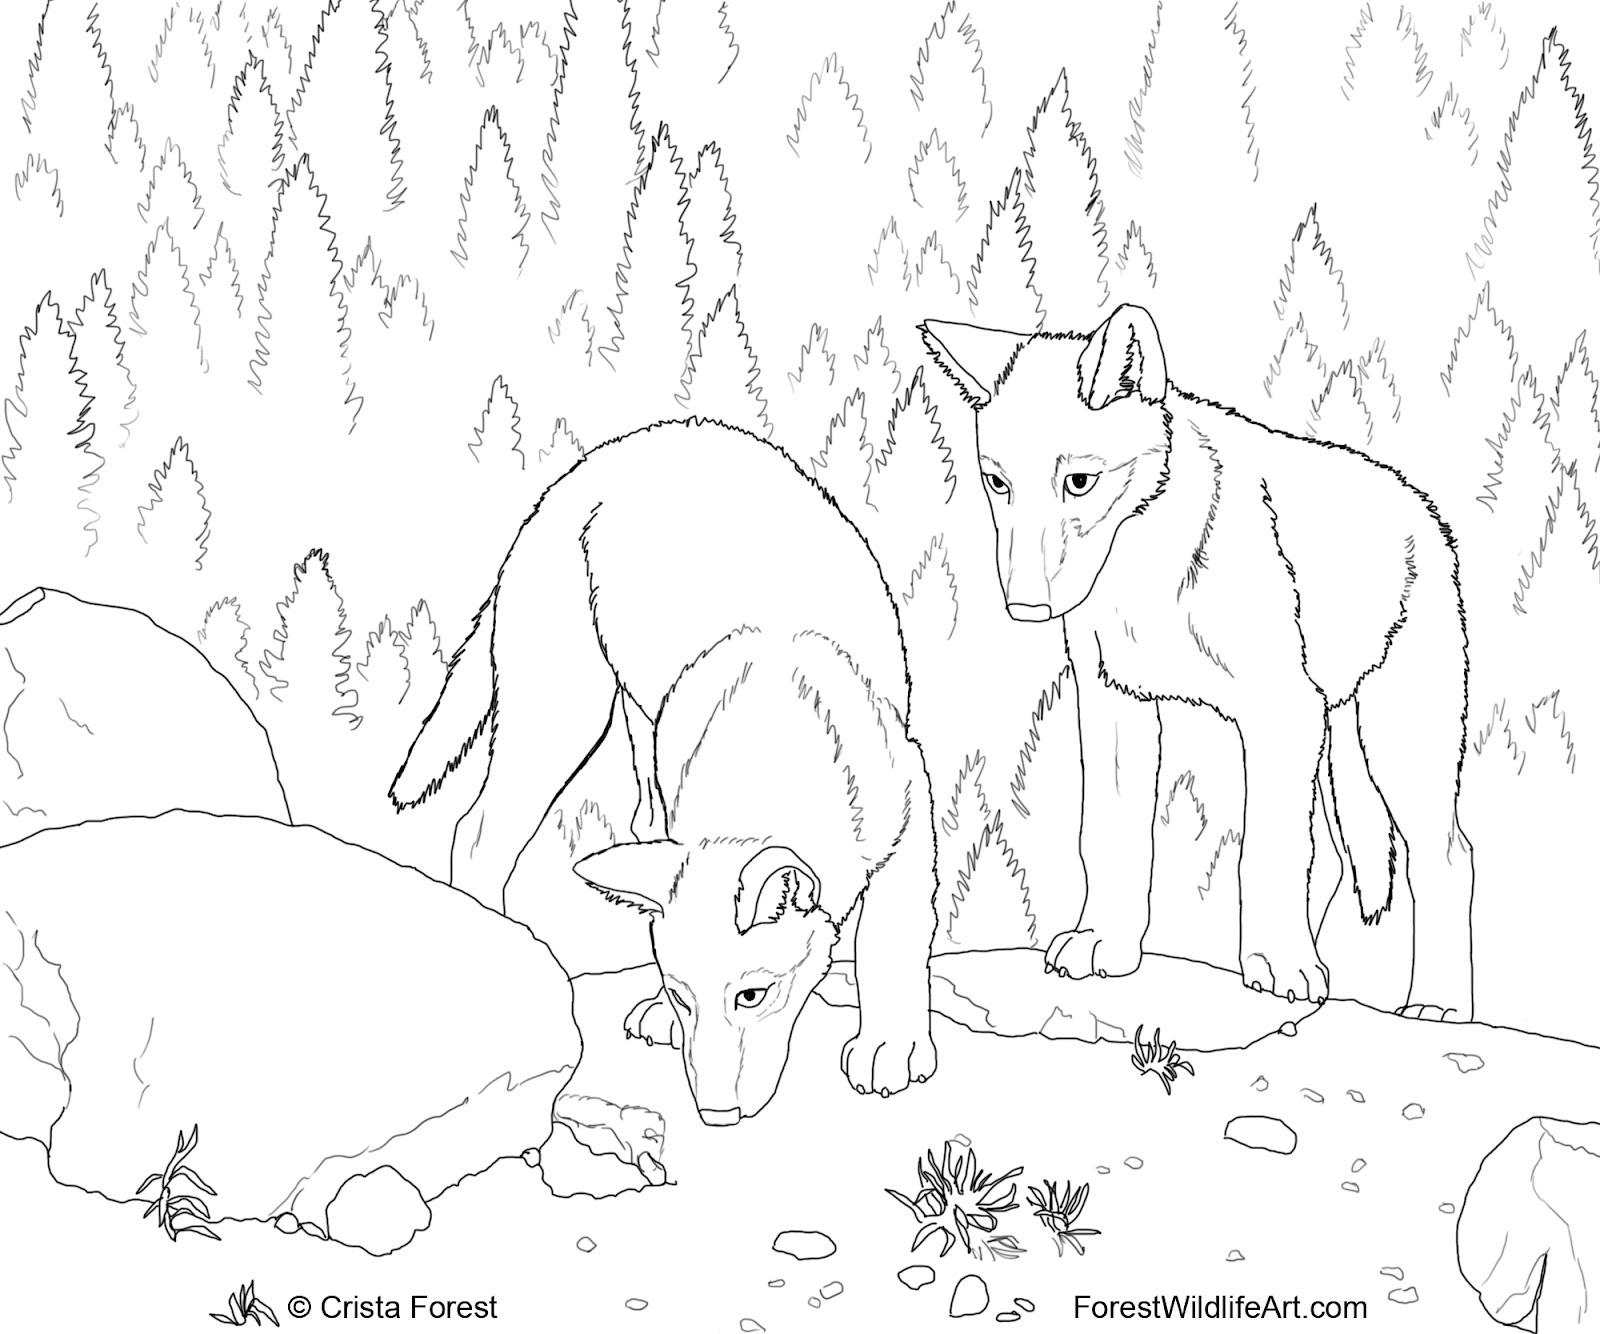 forest wildlife art wolf pups